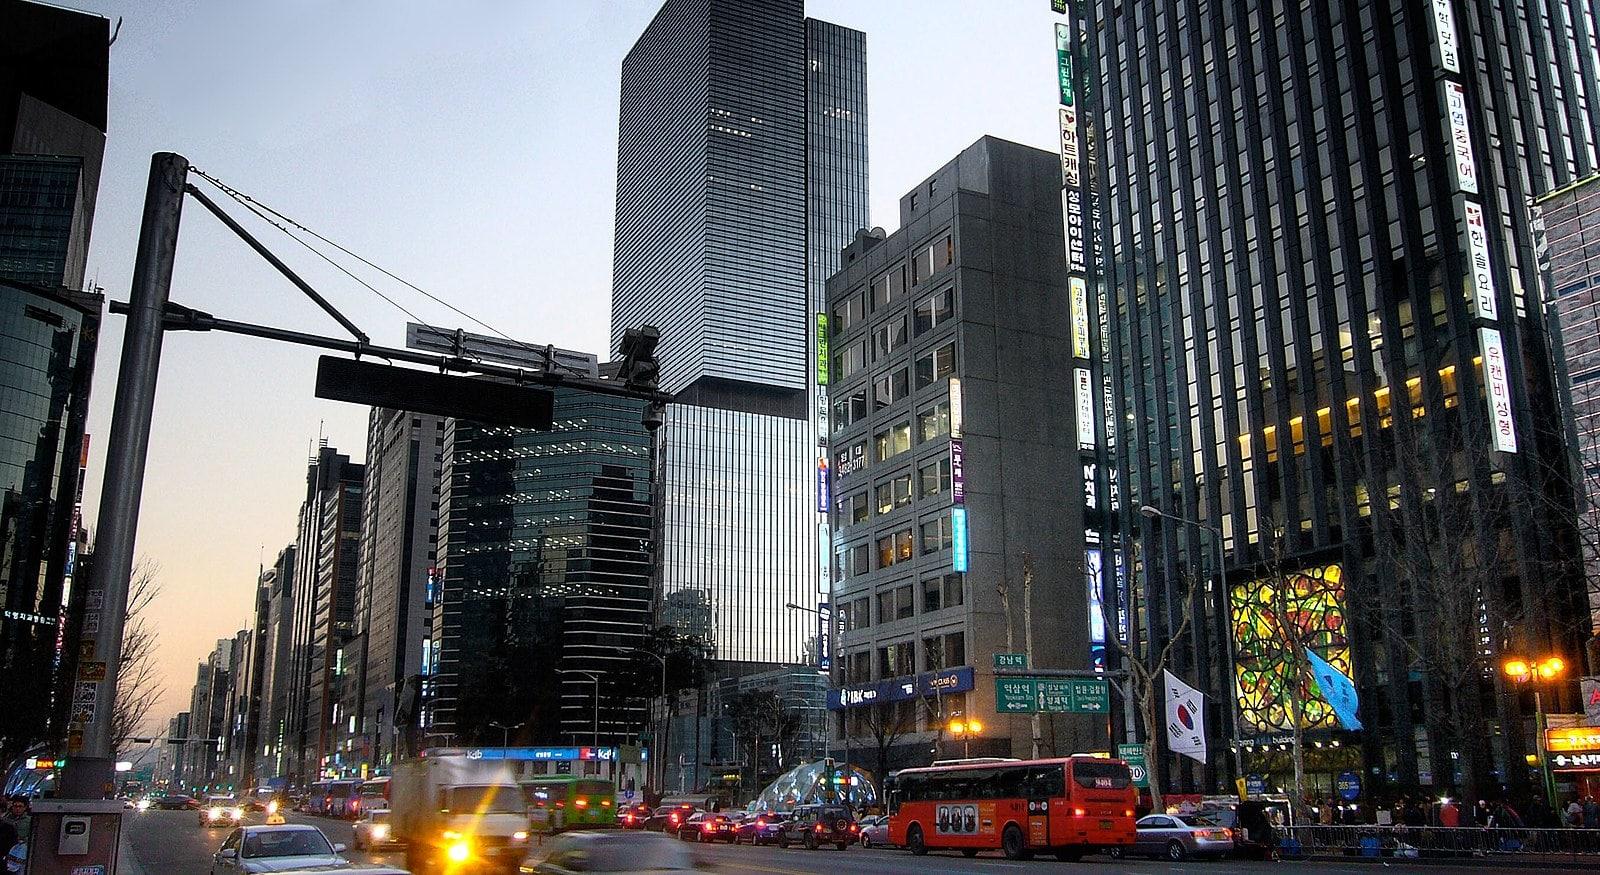 Skyscrapers in Gangnam